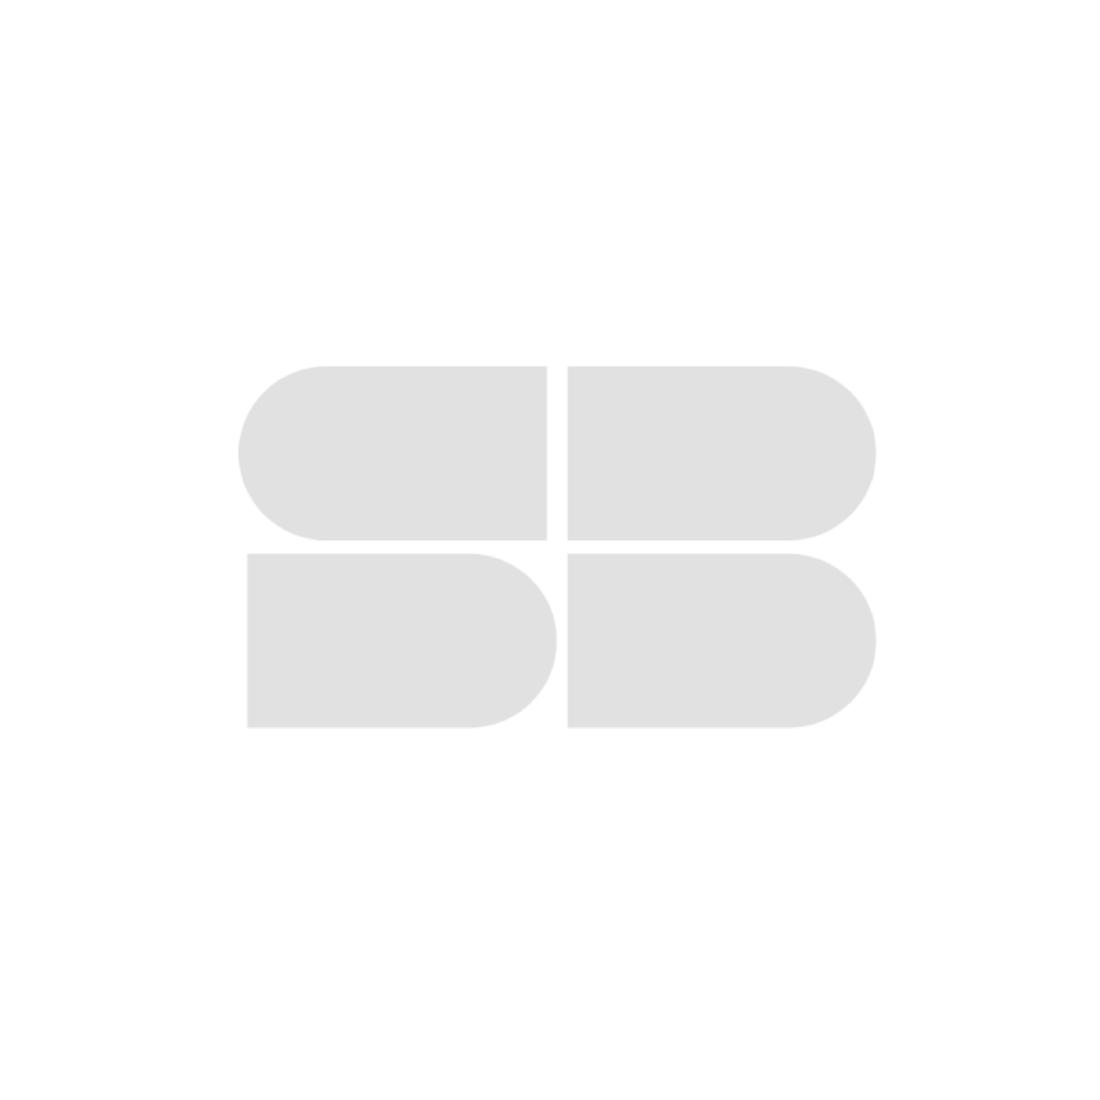 ที่นอน Slumberland รุ่น Nature Touch ขนาด 3.5 ฟุต-00